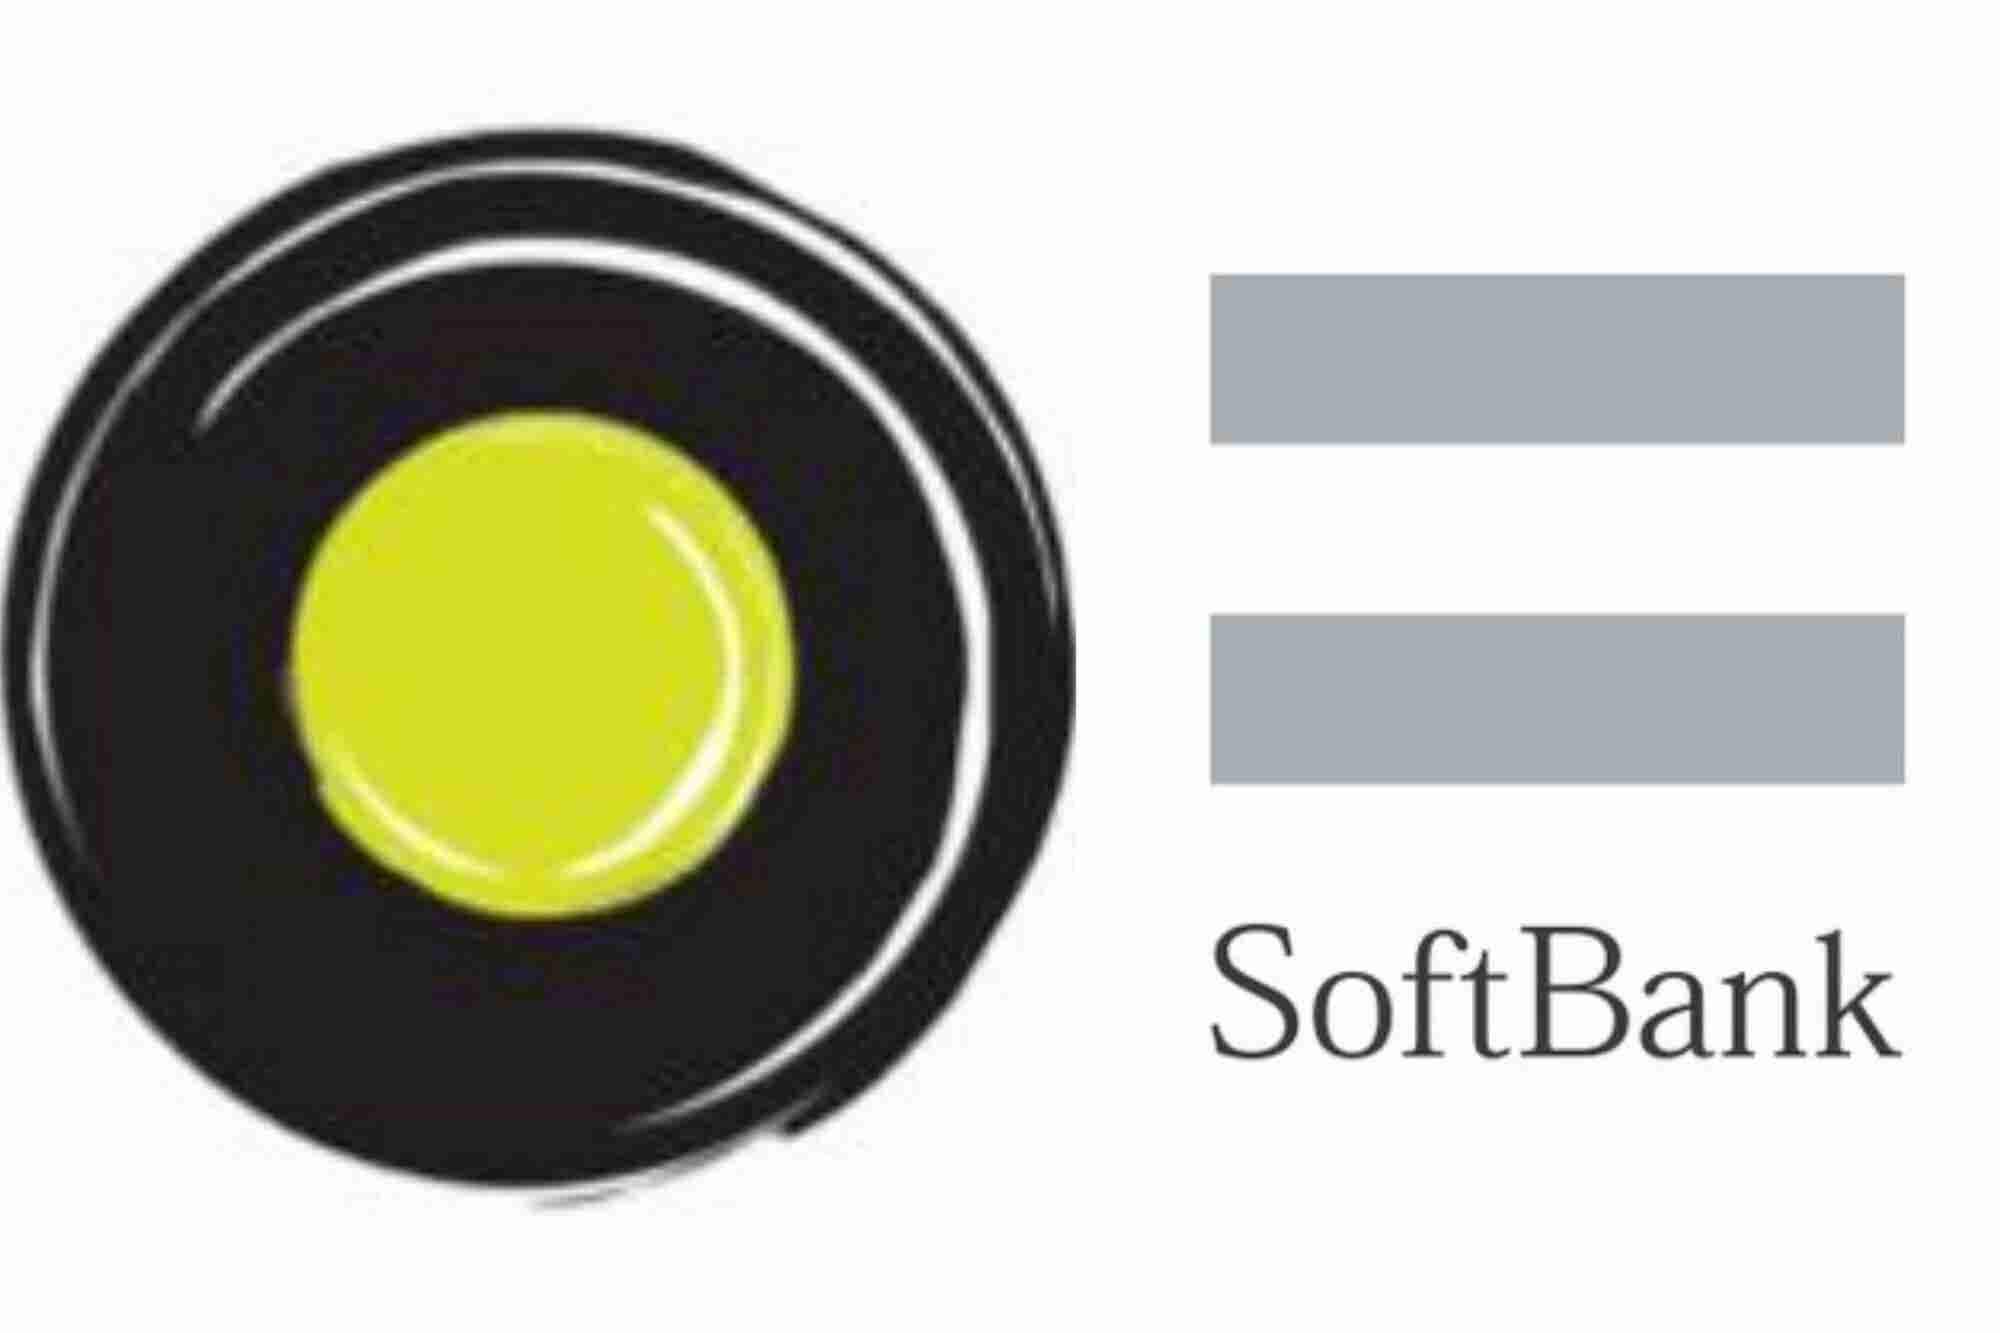 Ola's Dilemma Over SoftBank's Offer